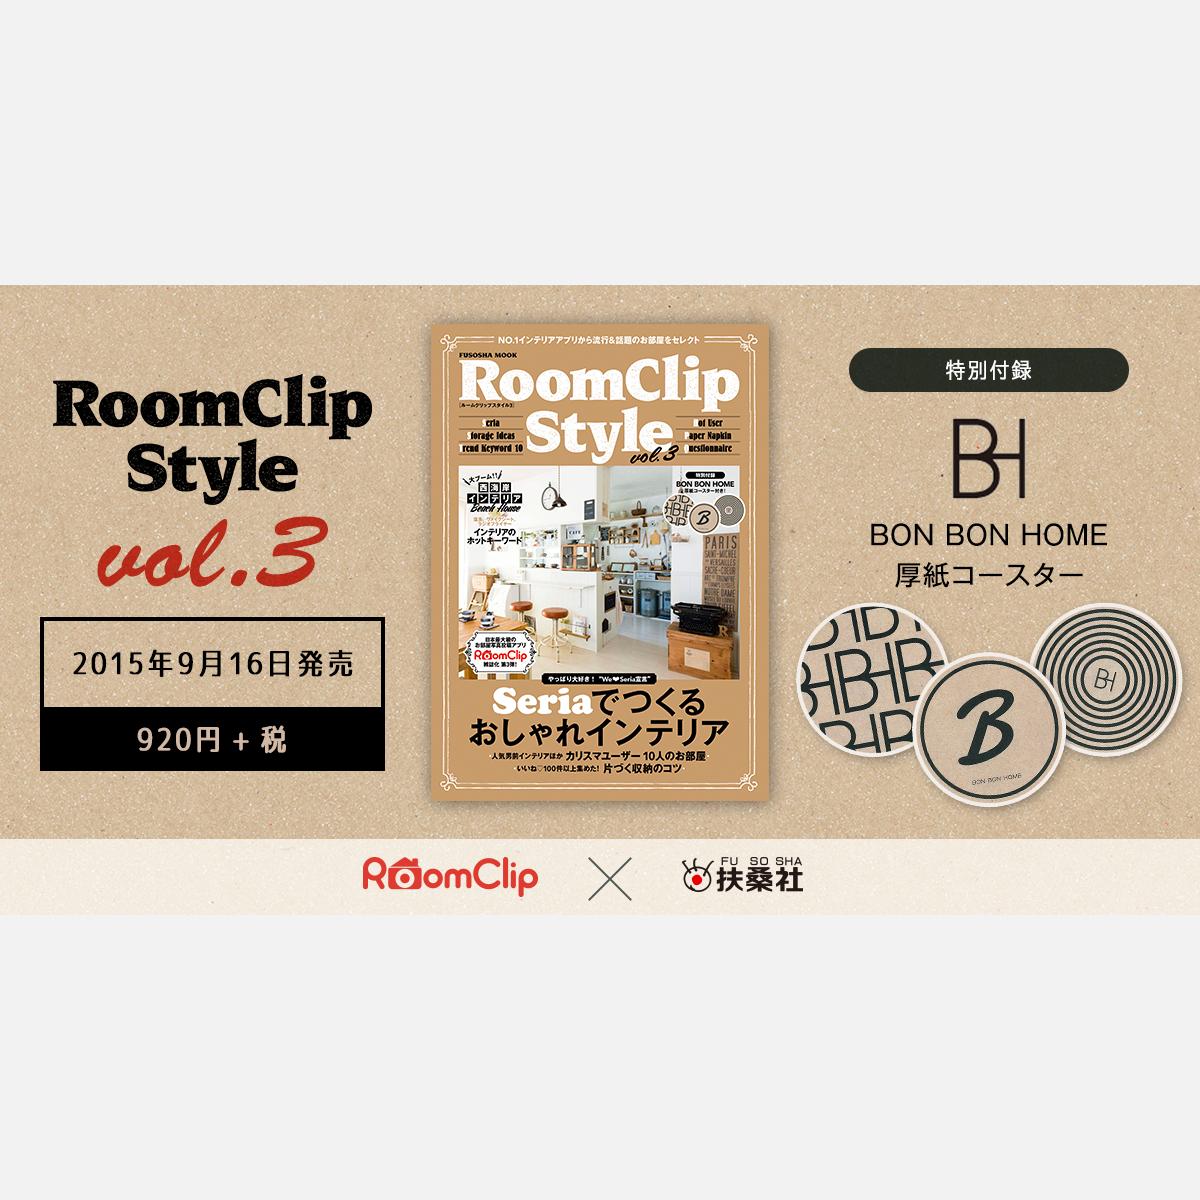 インテリアムック本「RoomClip Style vol.3」発売!